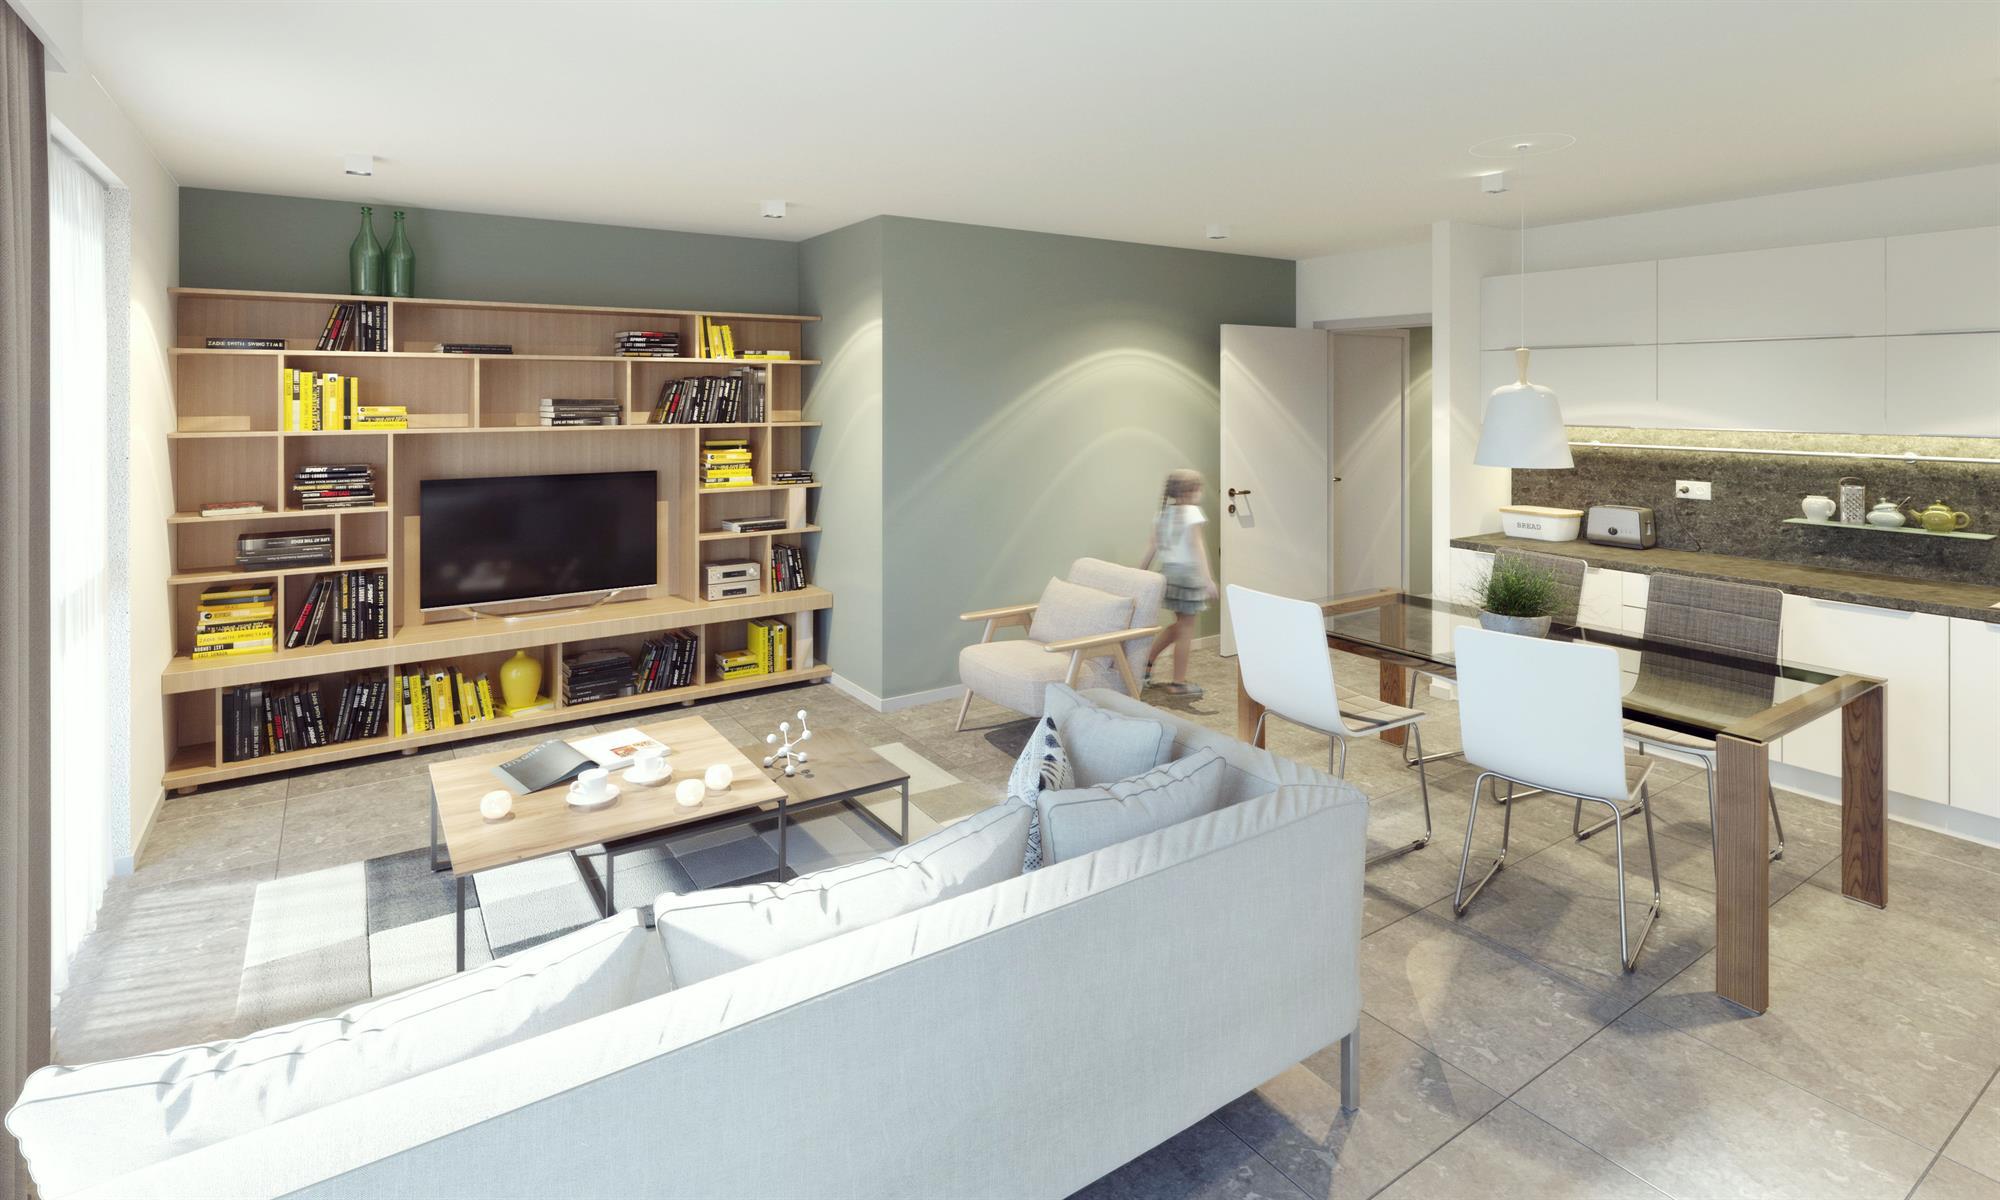 Ground floor with garden - Flemalle - #4197026-30